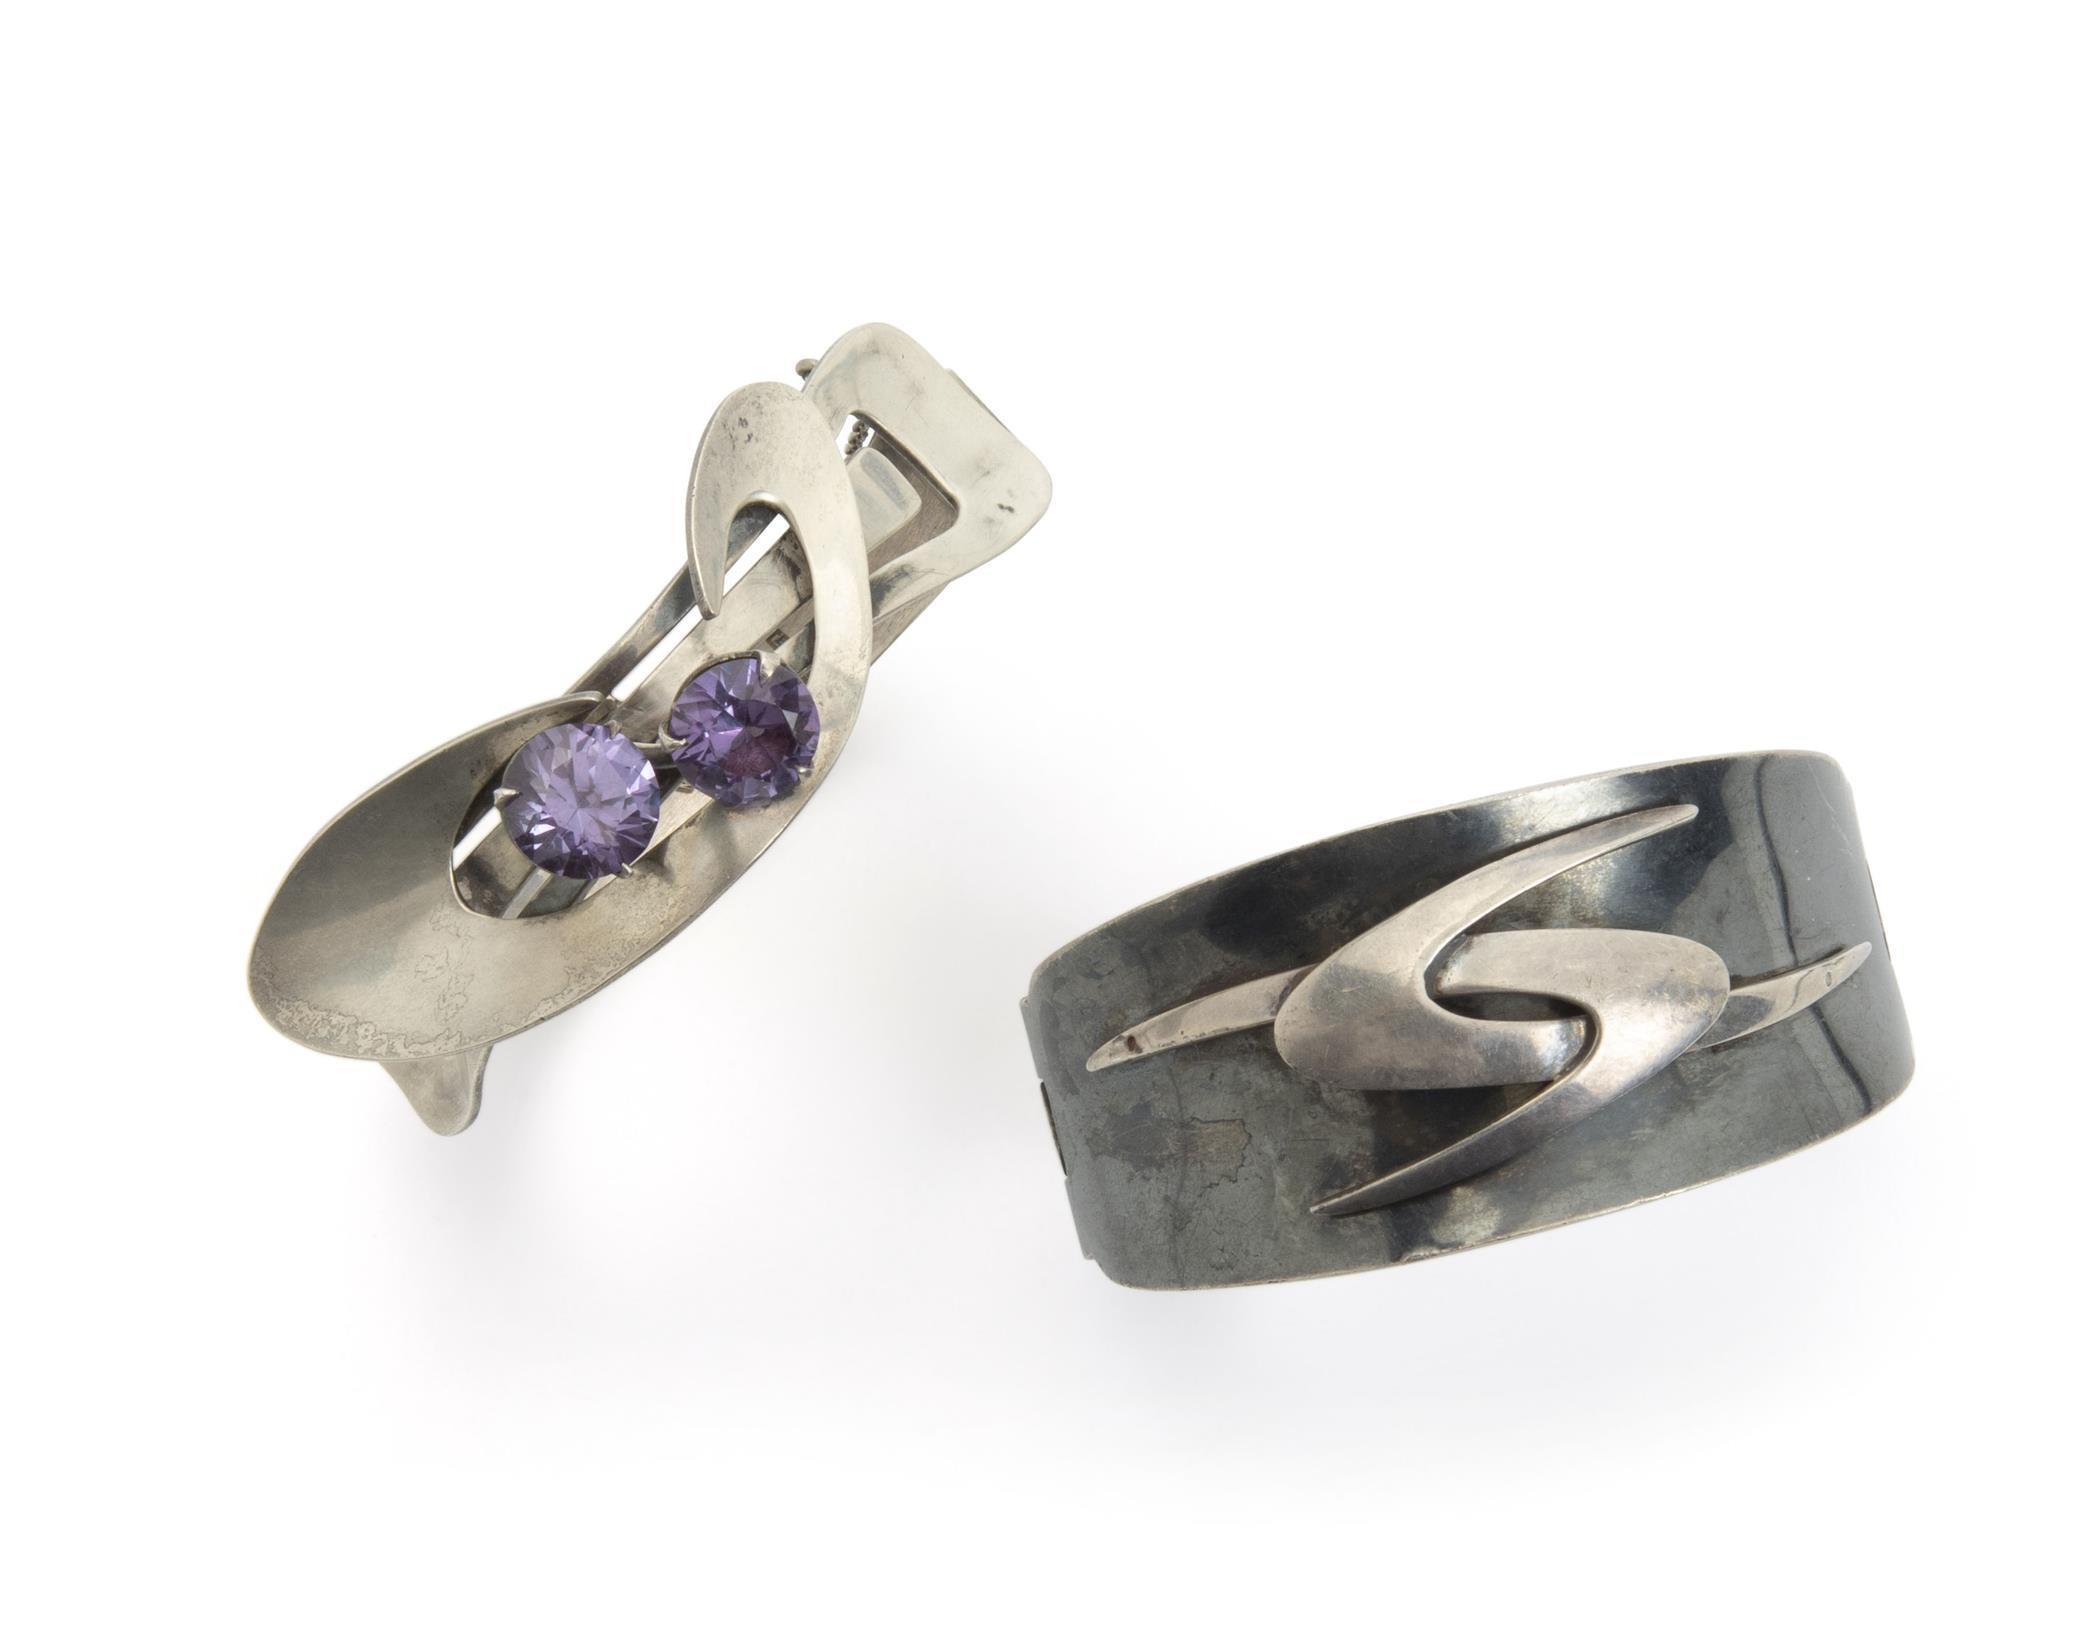 Two Enrique Ledesma silver cuff bracelets